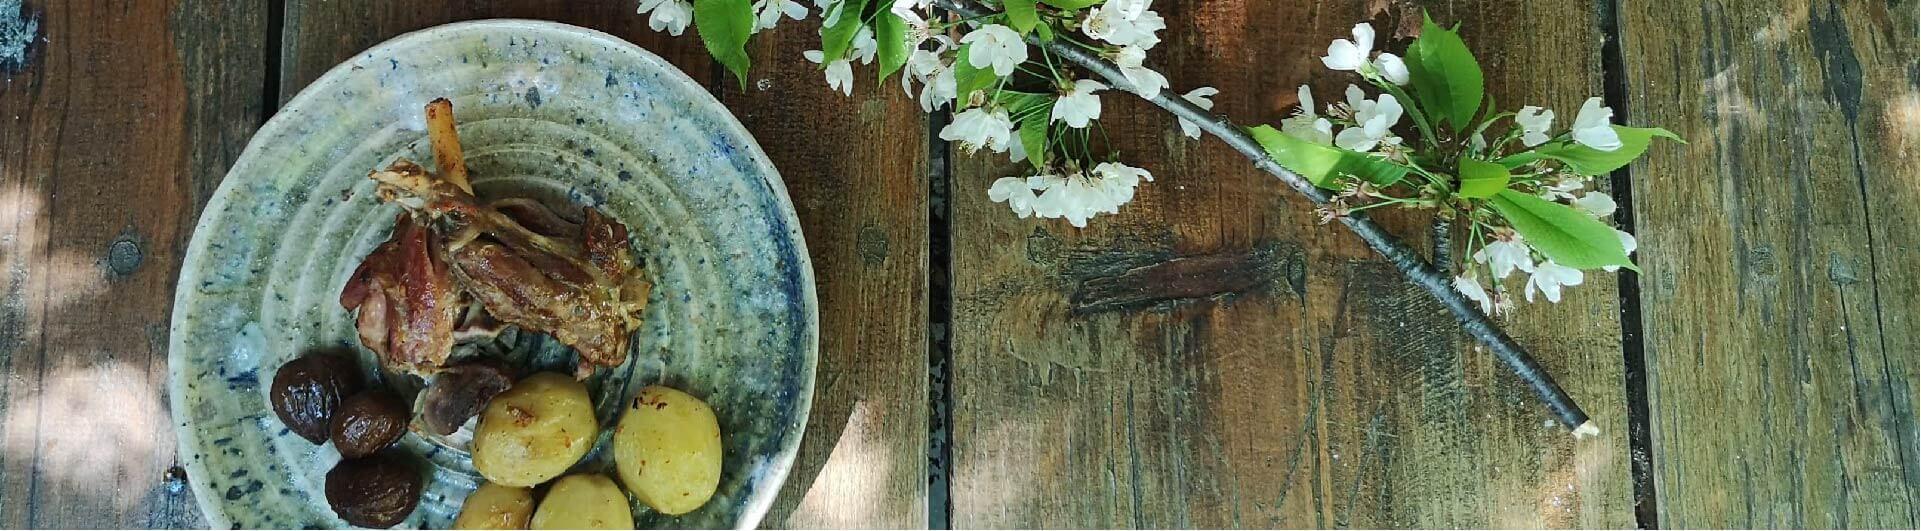 de-mestres-e-chefs-cerdeira-abril-capa.jpg